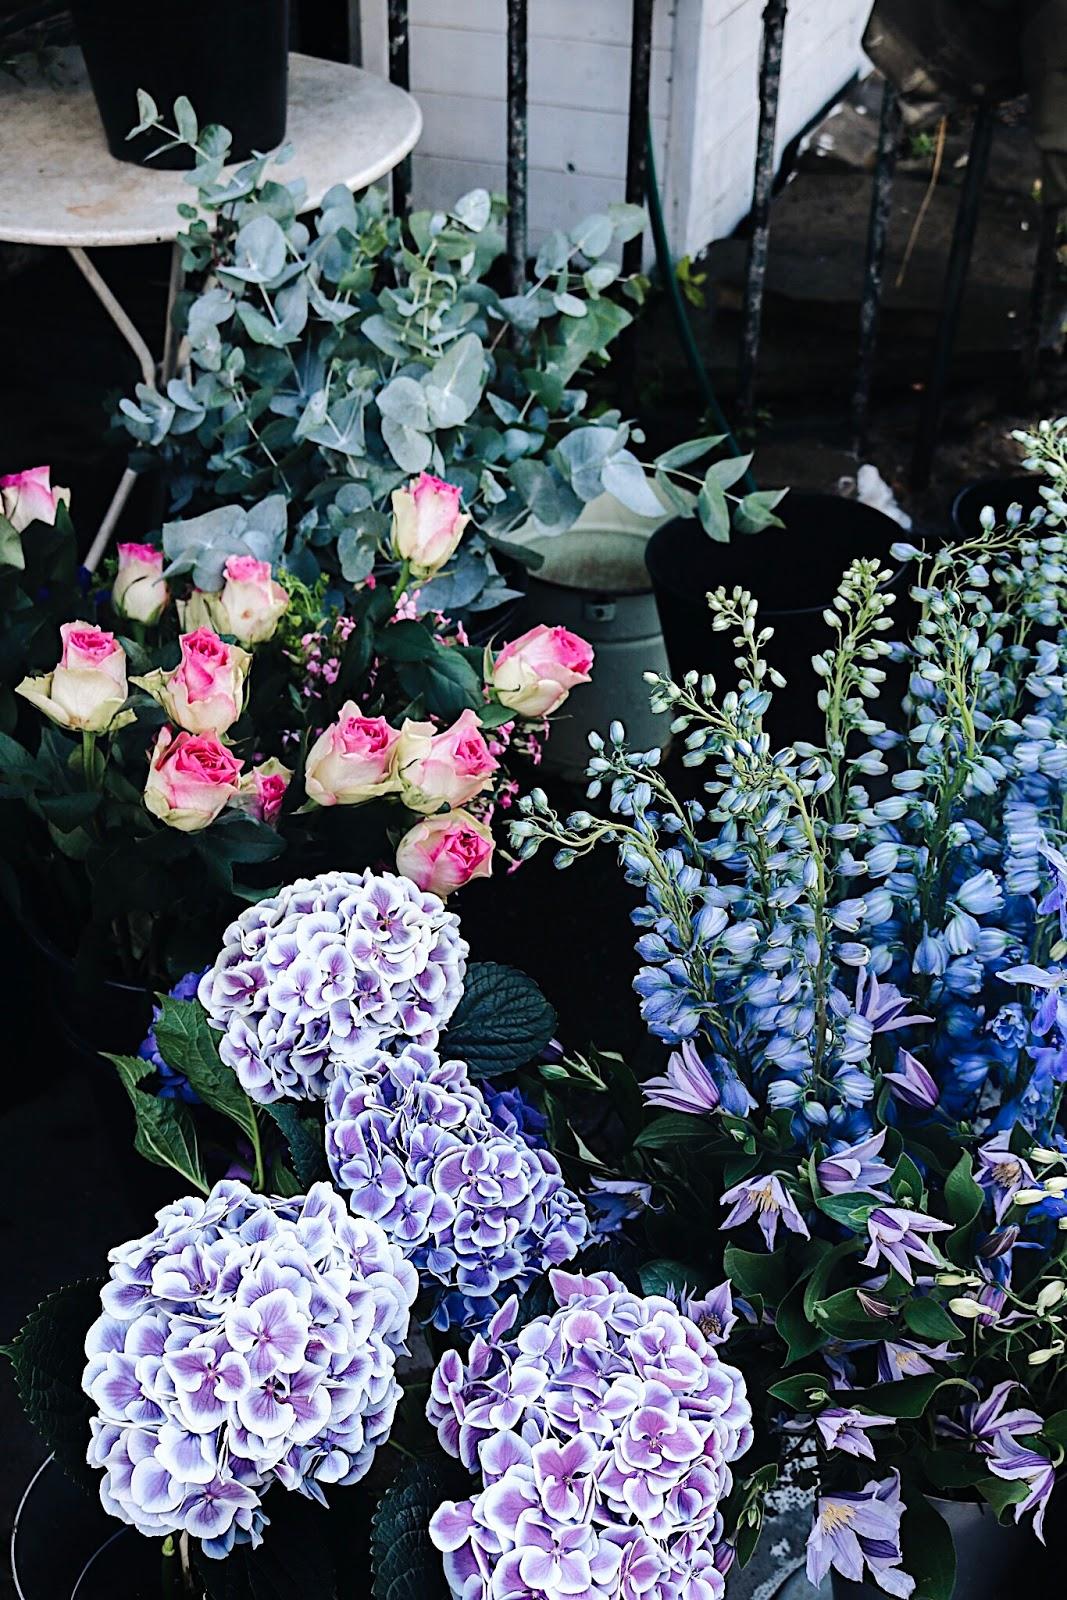 pauline-dress-blog-mode-deco-lifestyle-travel-voyage-europe-londres-angleterre-idees-visites-parcours-touristique-instagram-instagrammable-lieux-fleurs